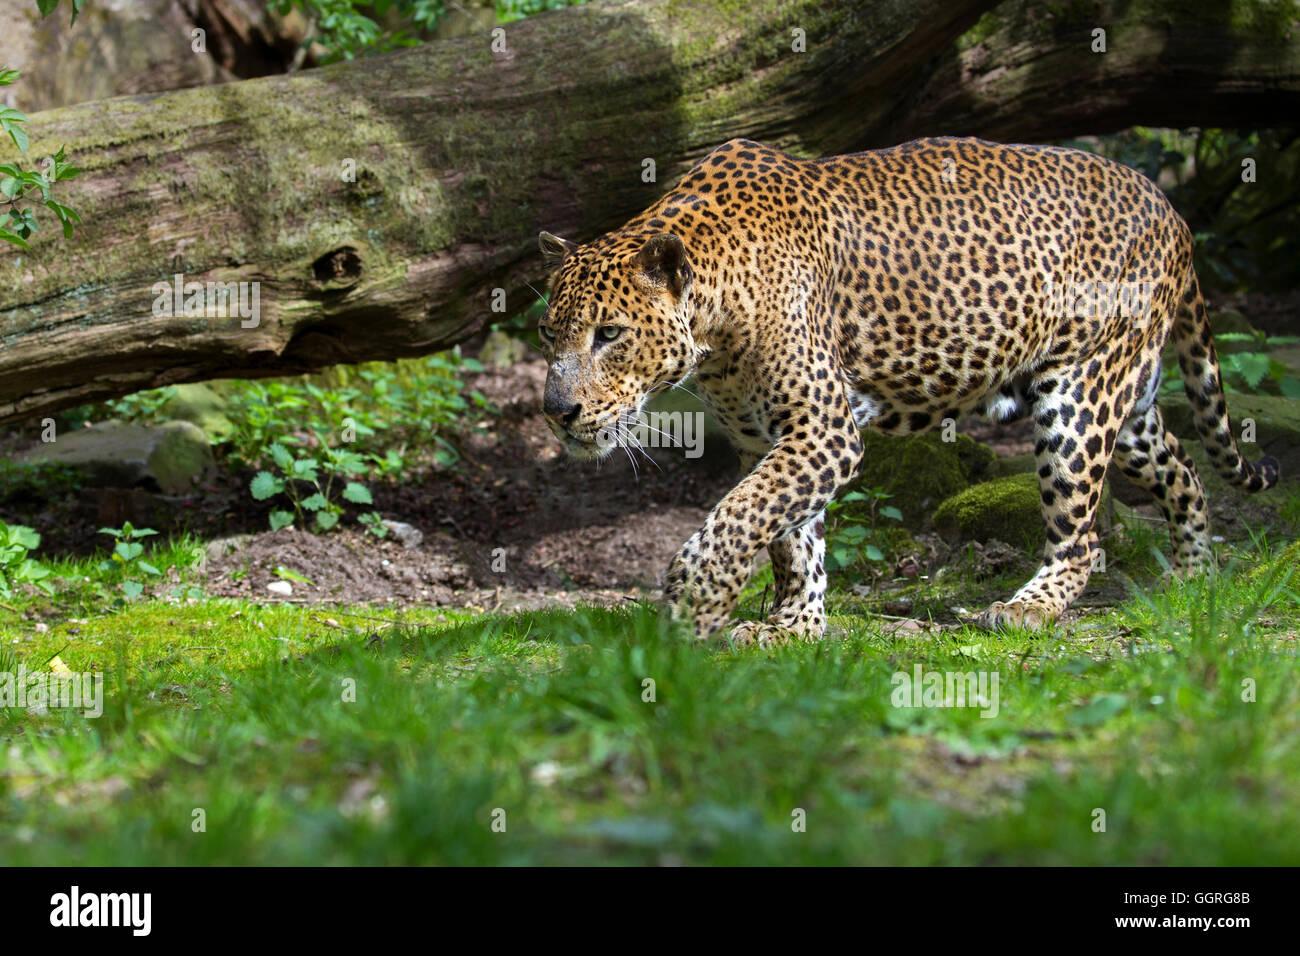 Sri Lankan leopard - Stock Image